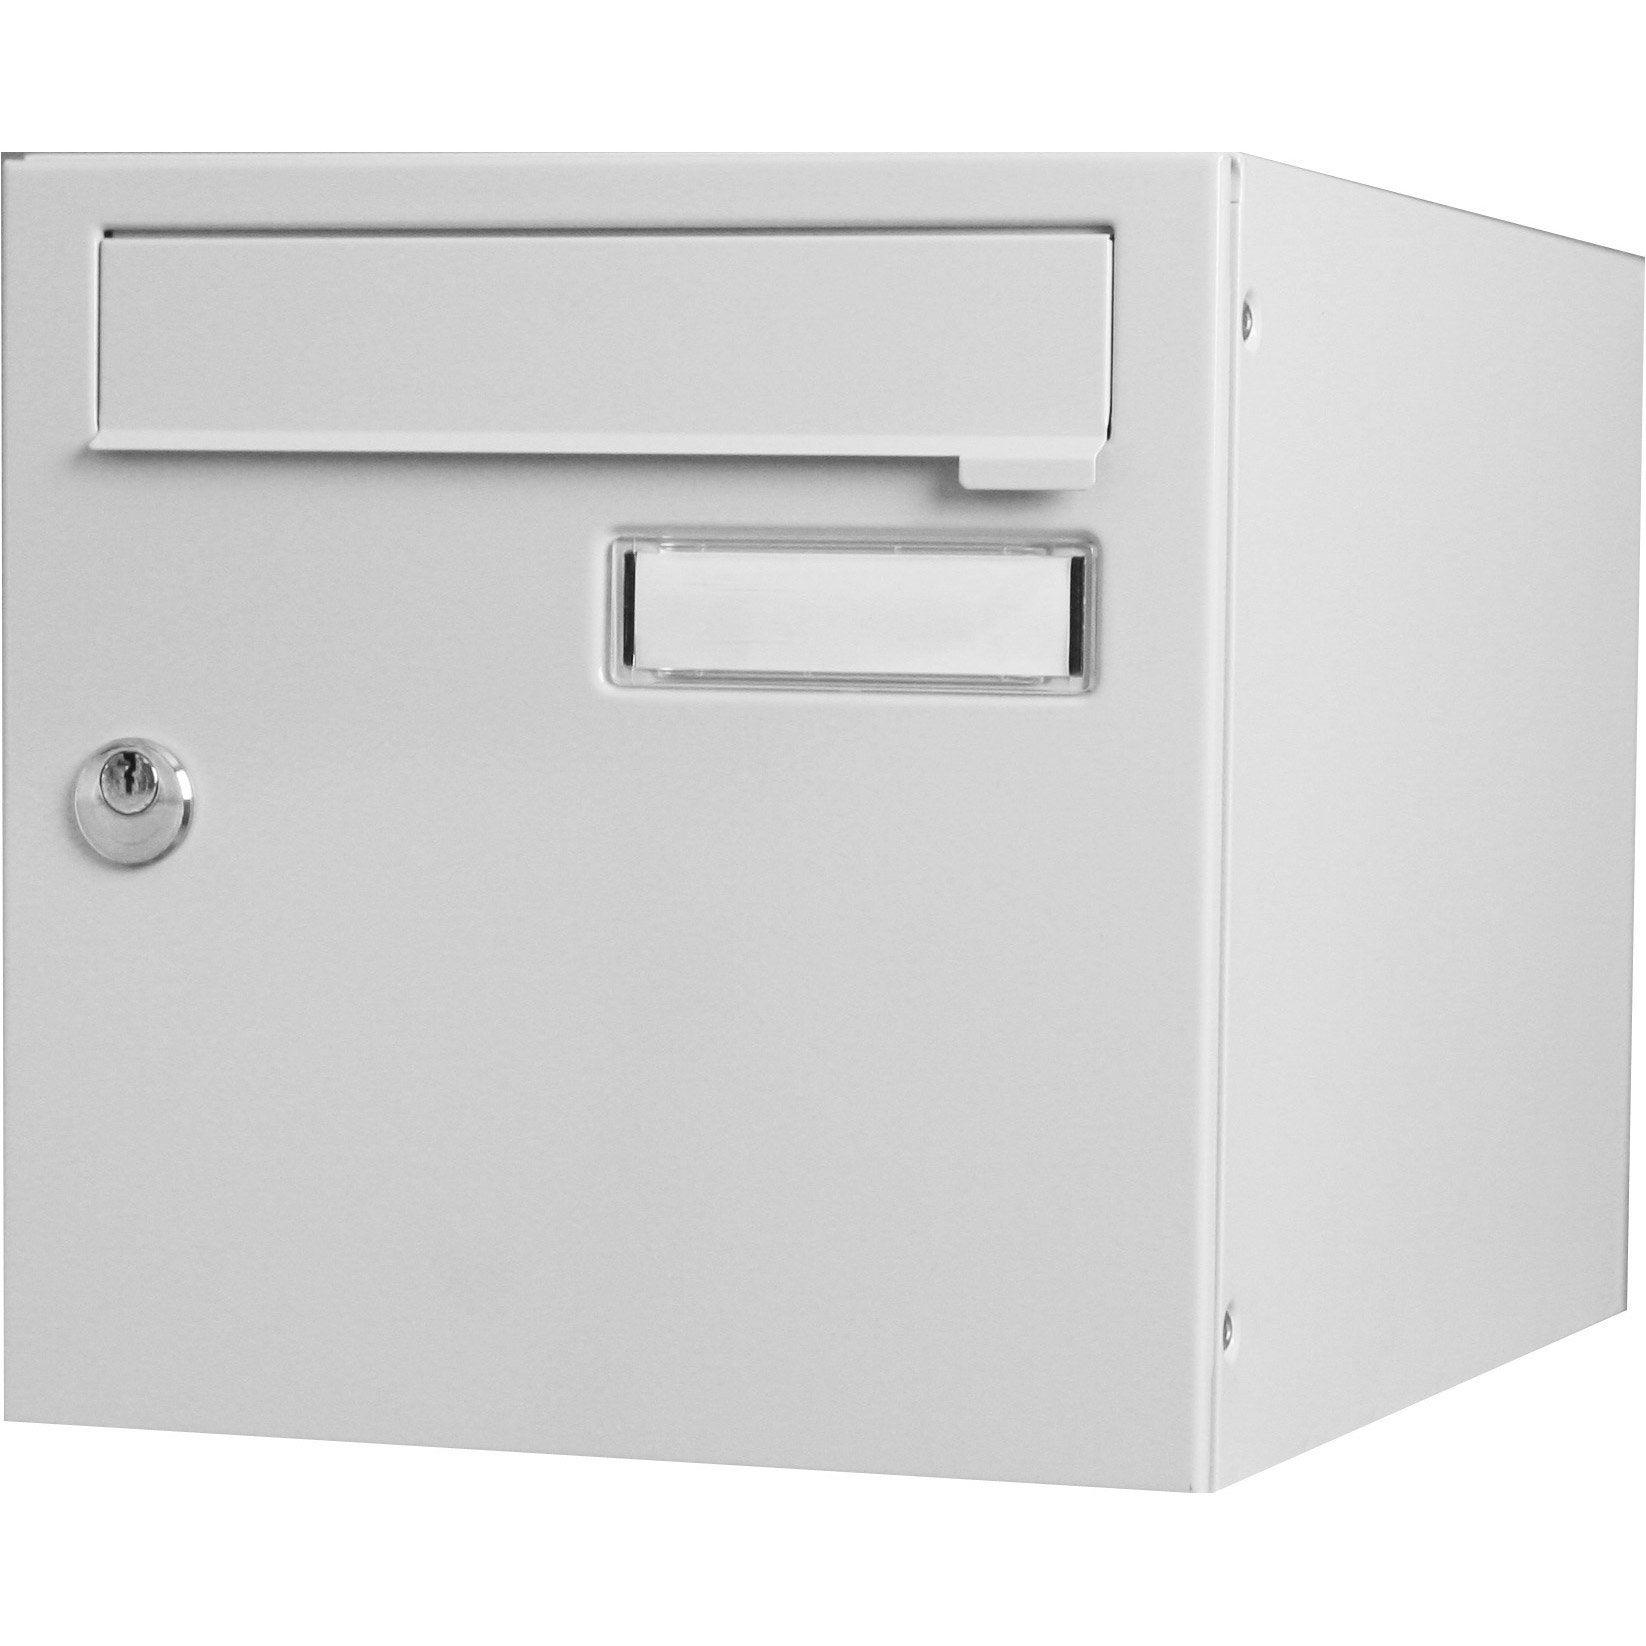 Nouveau Boîte aux lettres normalisée 1 porte extérieur RENZ acier gris DA-49